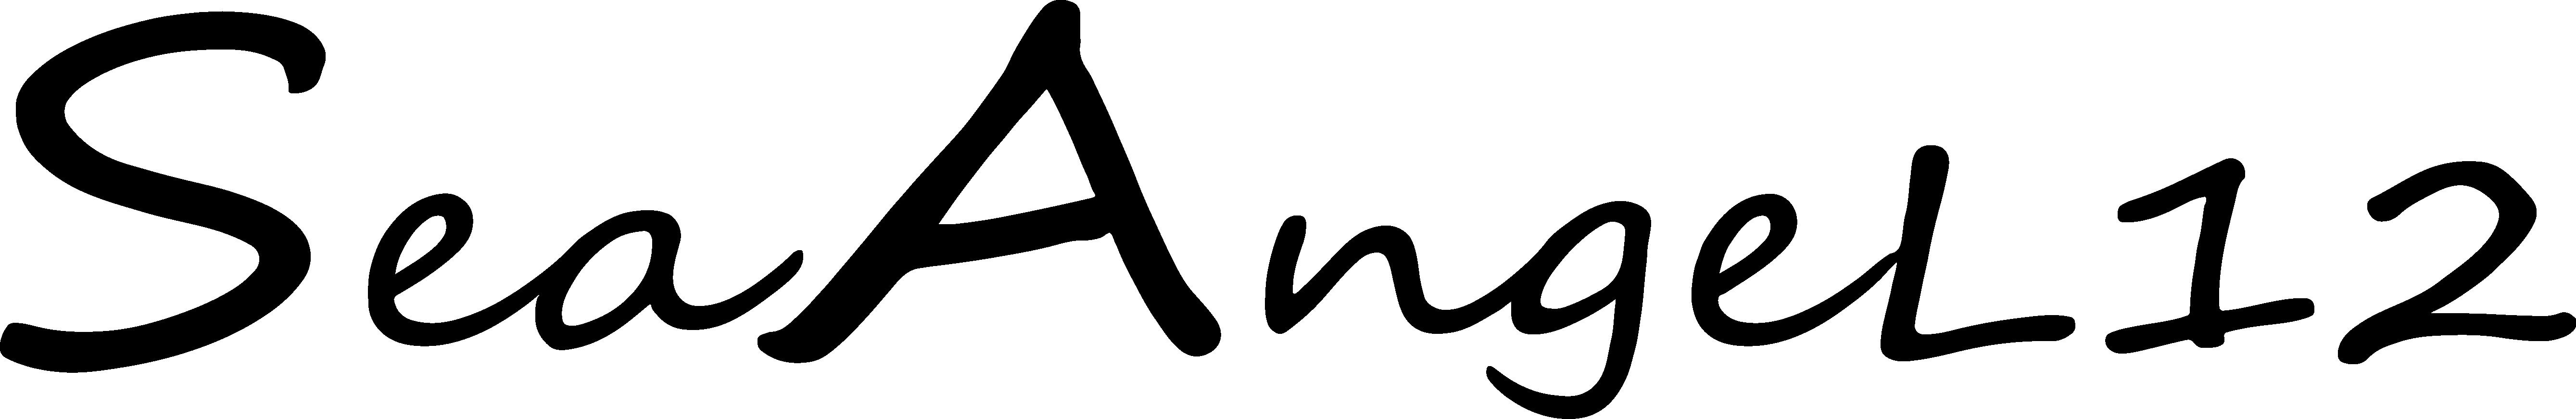 SEAANGEL12 Signature